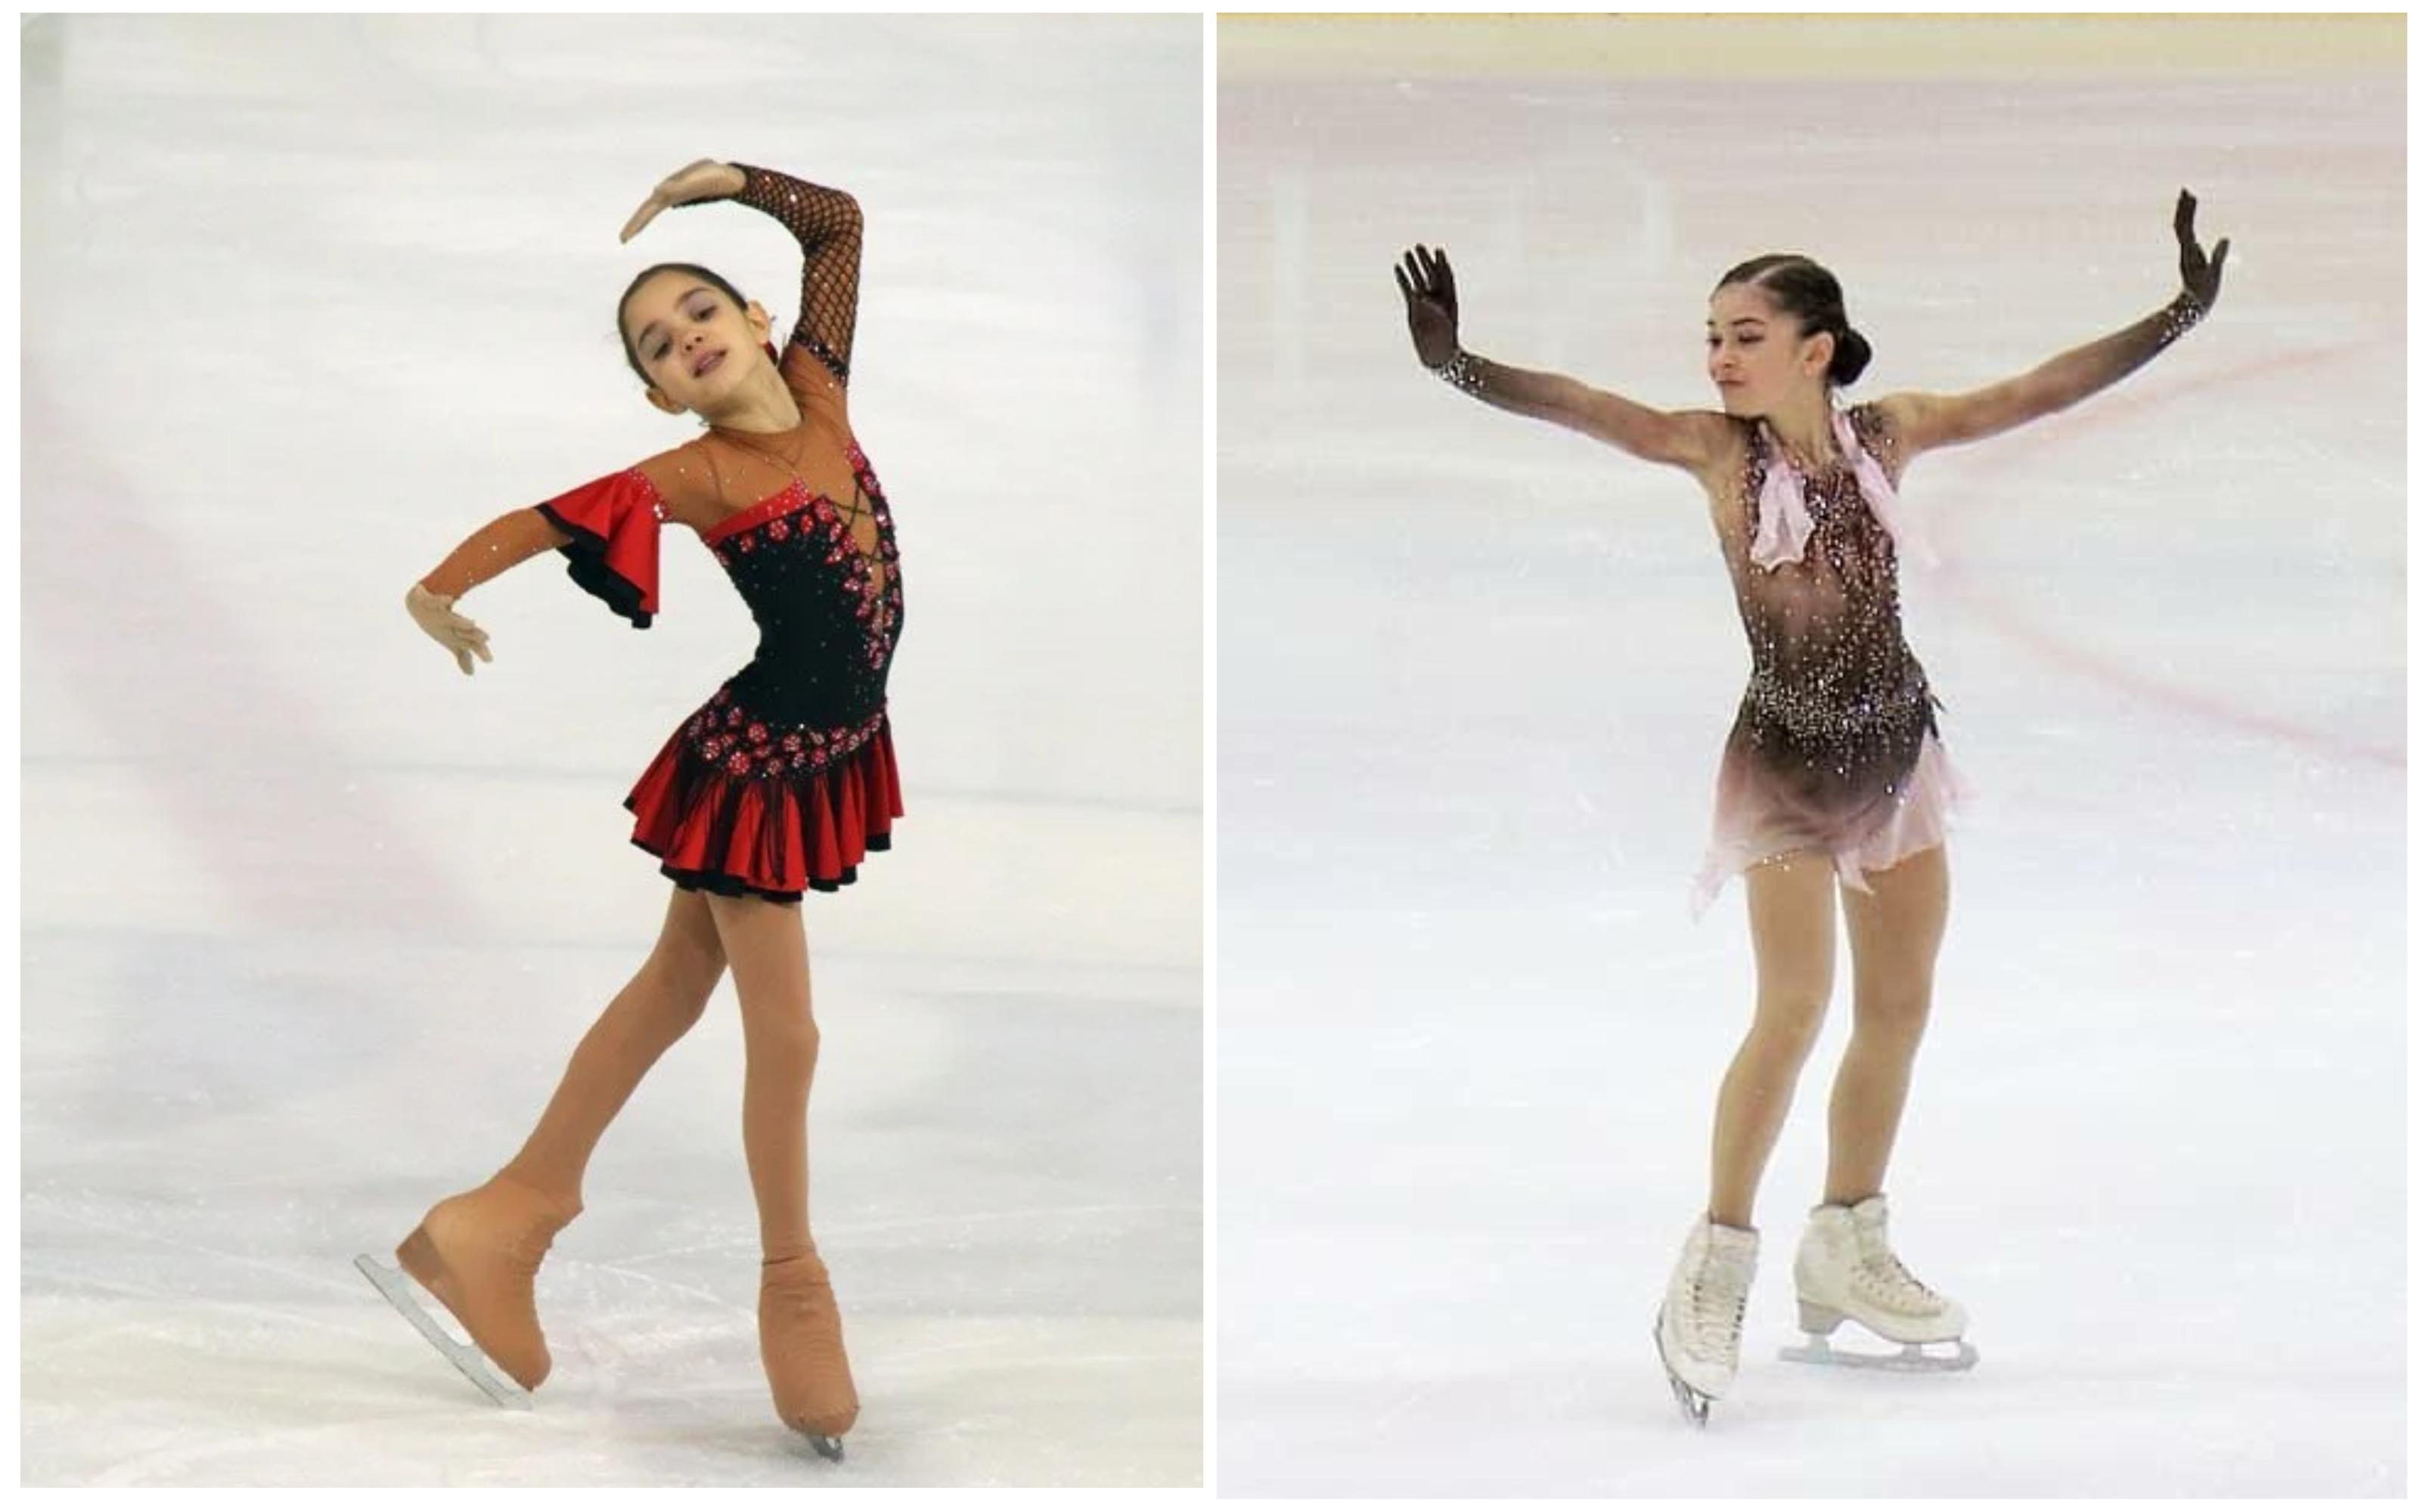 Слева Евгения Медведева, справа Аделия Петросян. Фото © instagram / adeliya_petrosian / jmedvedevaj